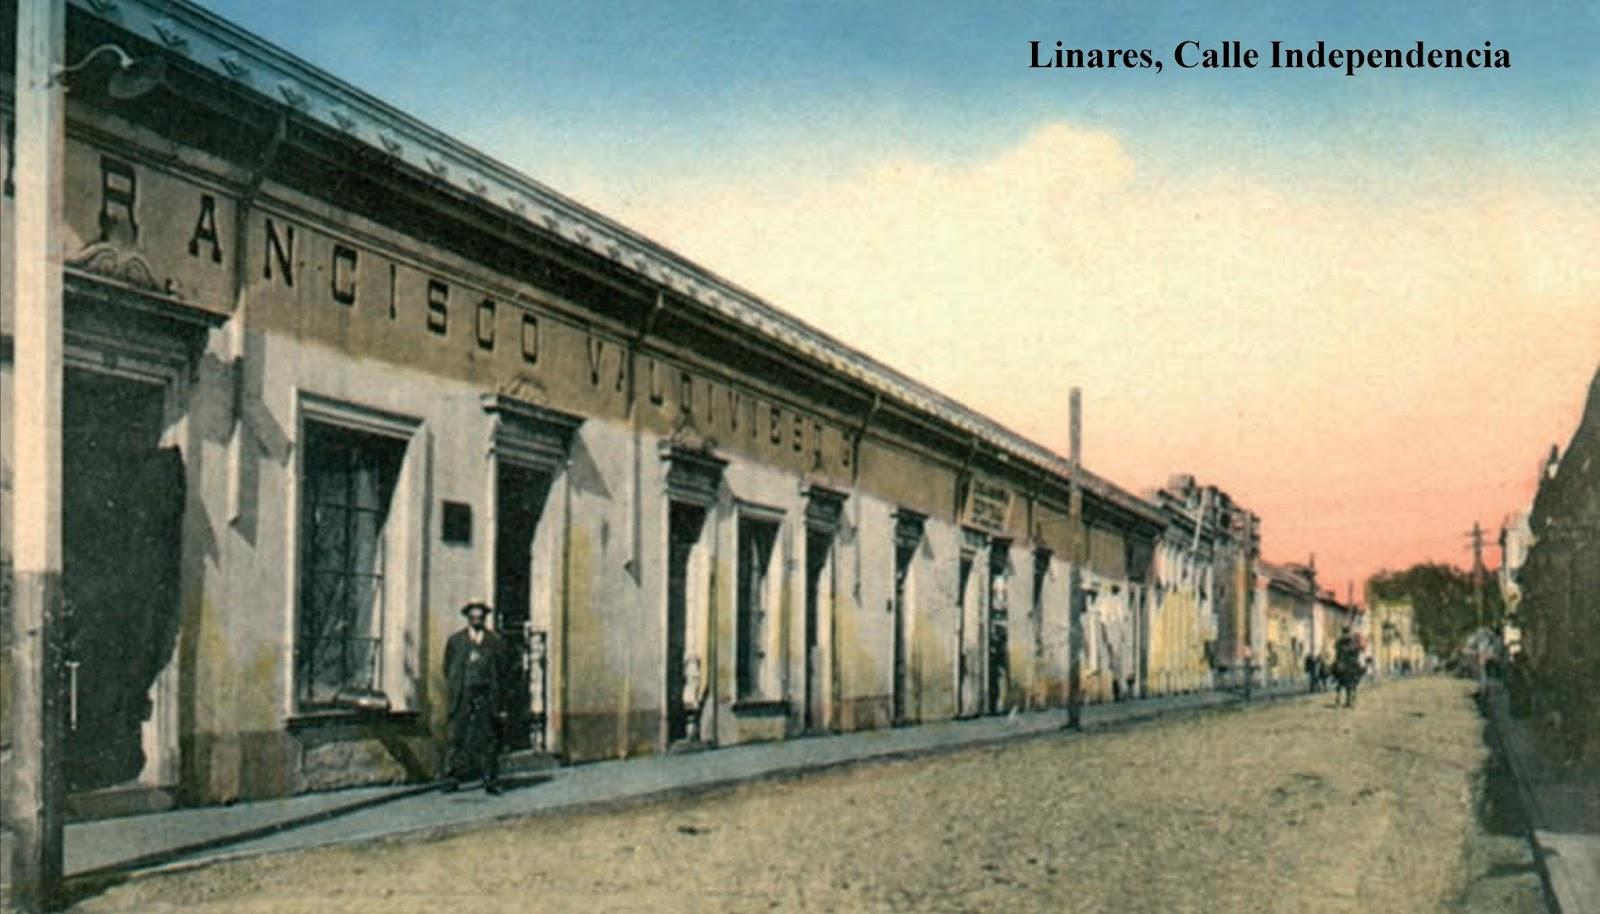 Enterreno - Fotos históricas de chile - fotos antiguas de Chile - Calle independencia de Linares en 1920